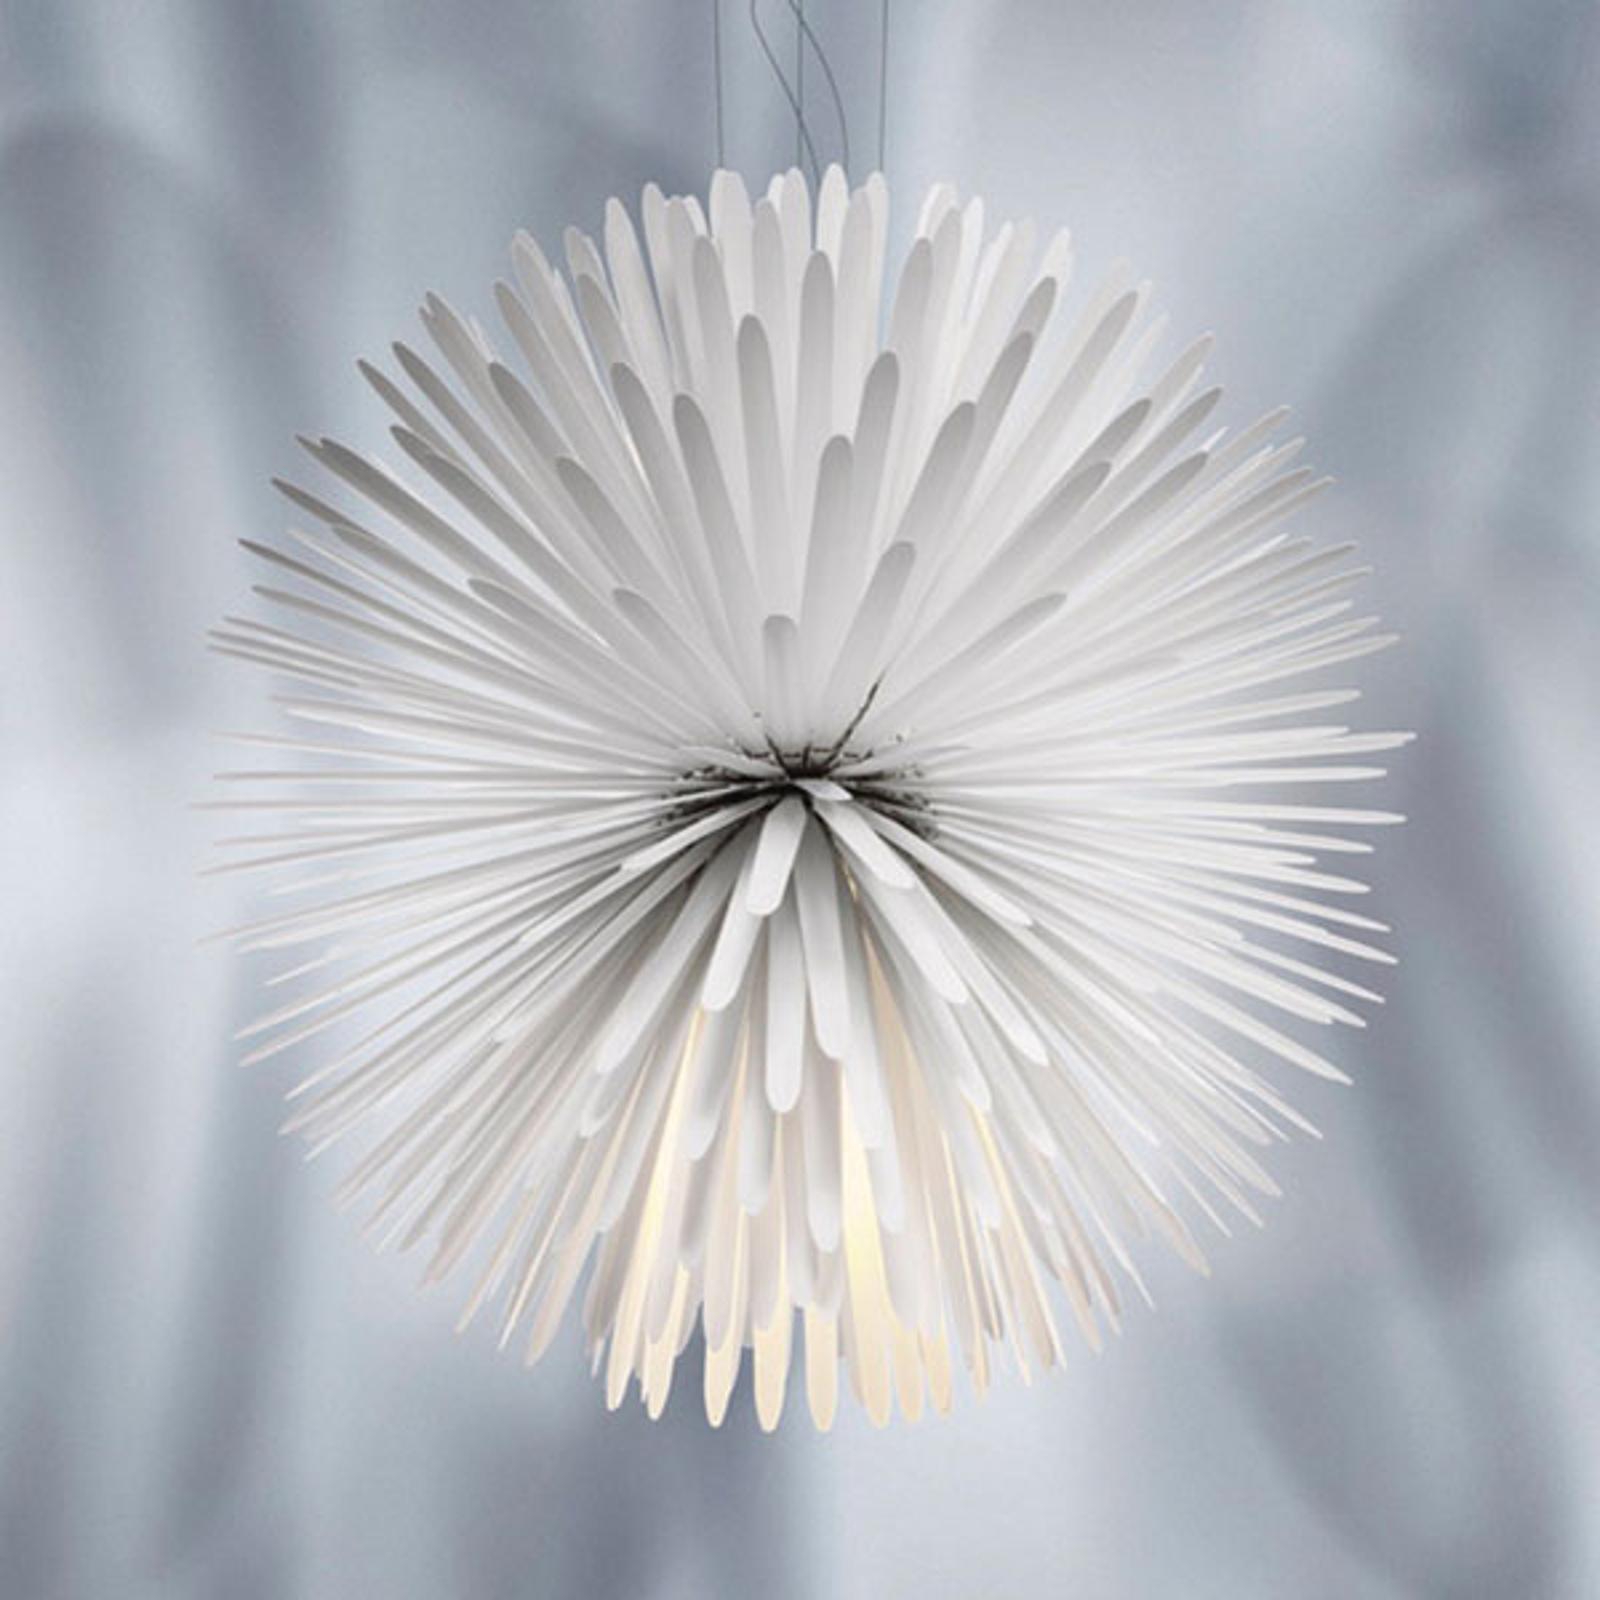 Foscarini Sun - Light of Love LED-Hängelampe weiß